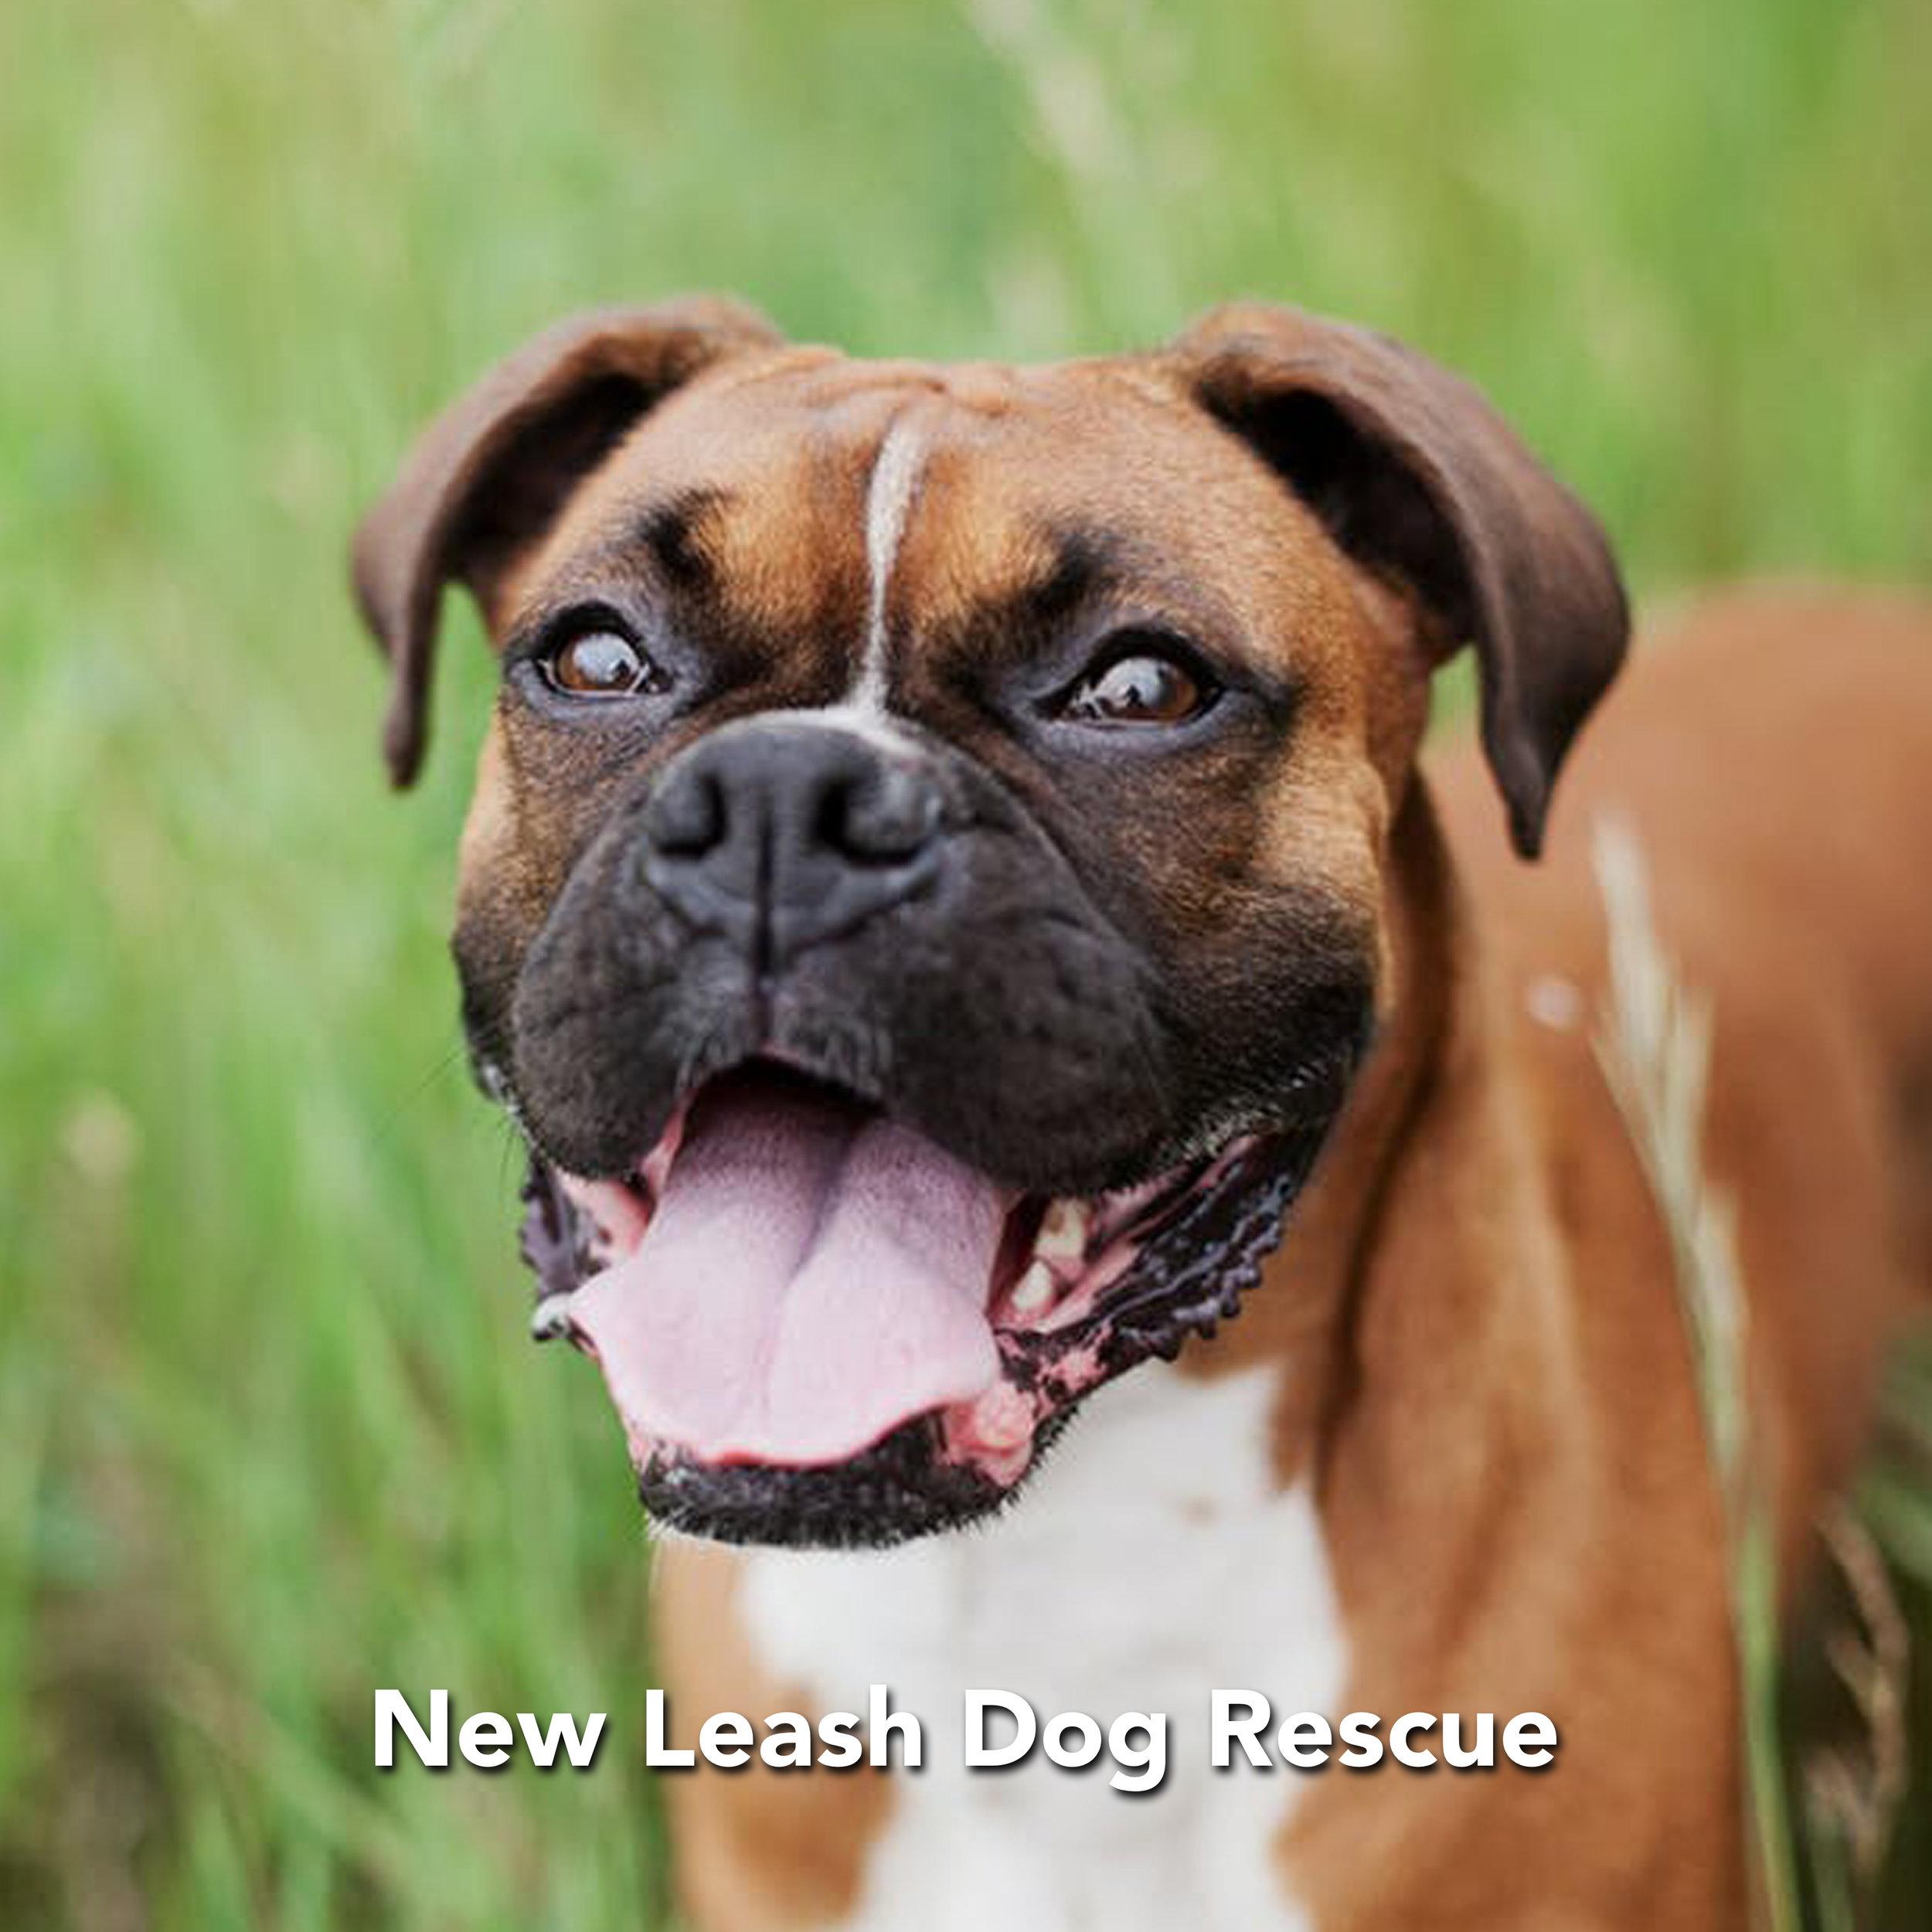 NEW LEASH DOG RESCUE